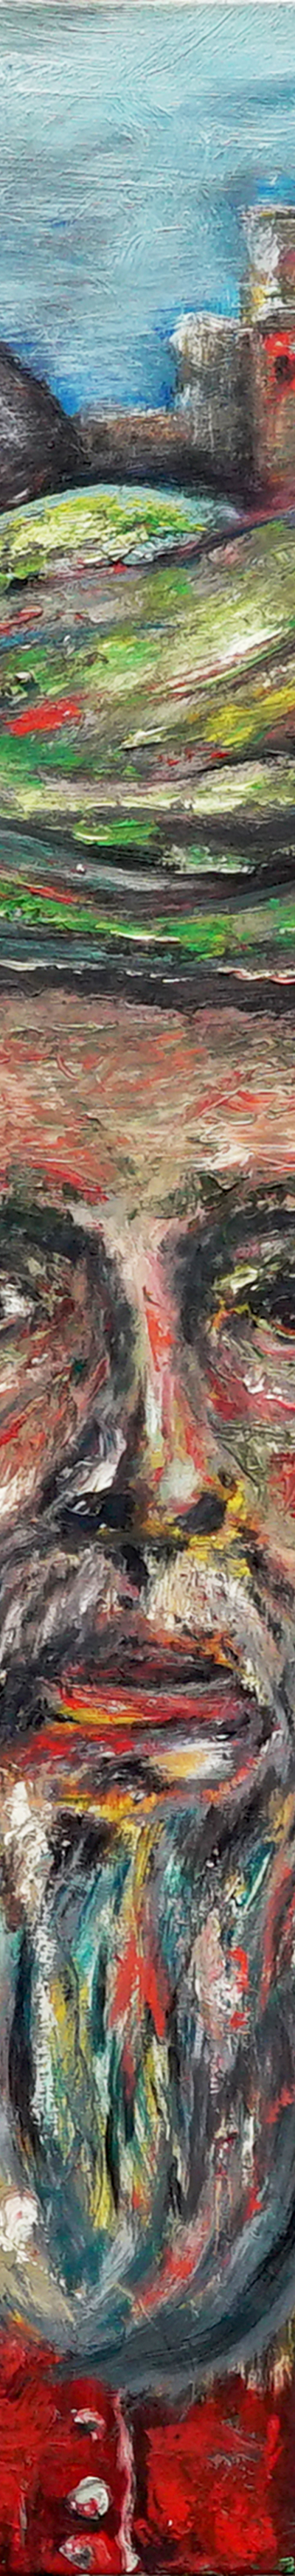 goruma 70x90 cm, oil on canvas